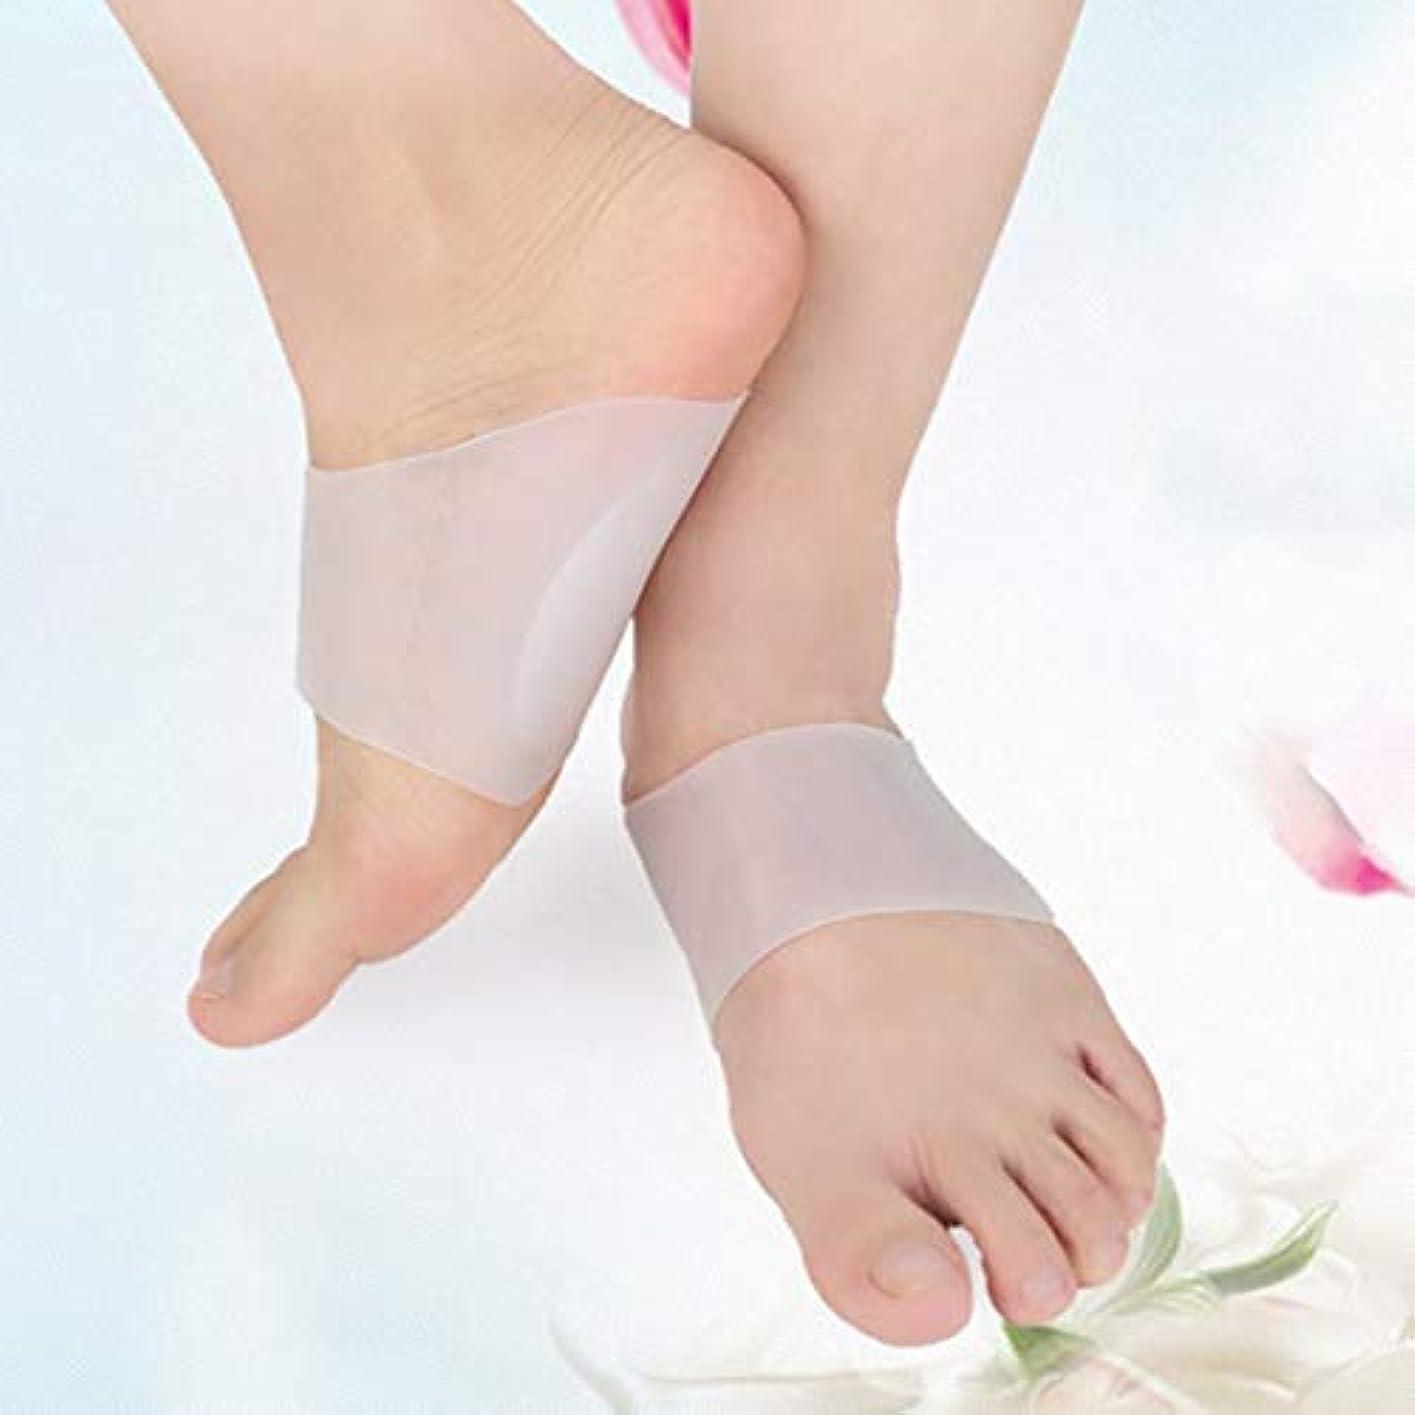 水っぽいスキャンダラス憤る1ペアアーチサポートジェル足底筋膜炎用ソフトジェルスリーブサポートフラットフットサポート痛みを軽減フットケア男性用女性用 (PandaWelly)